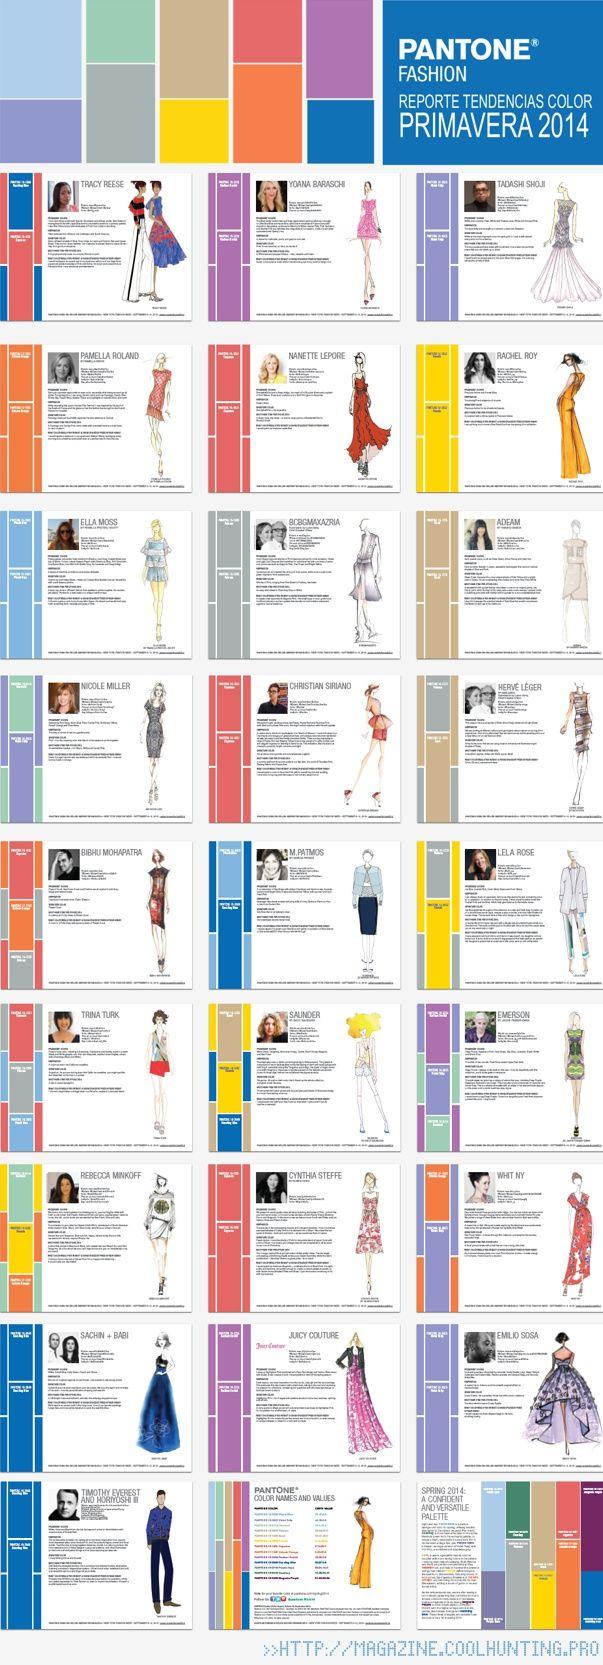 Tendencias color MODA TEMPORADA PRIMAVERA - VERANO 2014 >> http://magazine.coolhunting.pro/tendencias/los-colores-tendencia-para-la-primavera-2014/